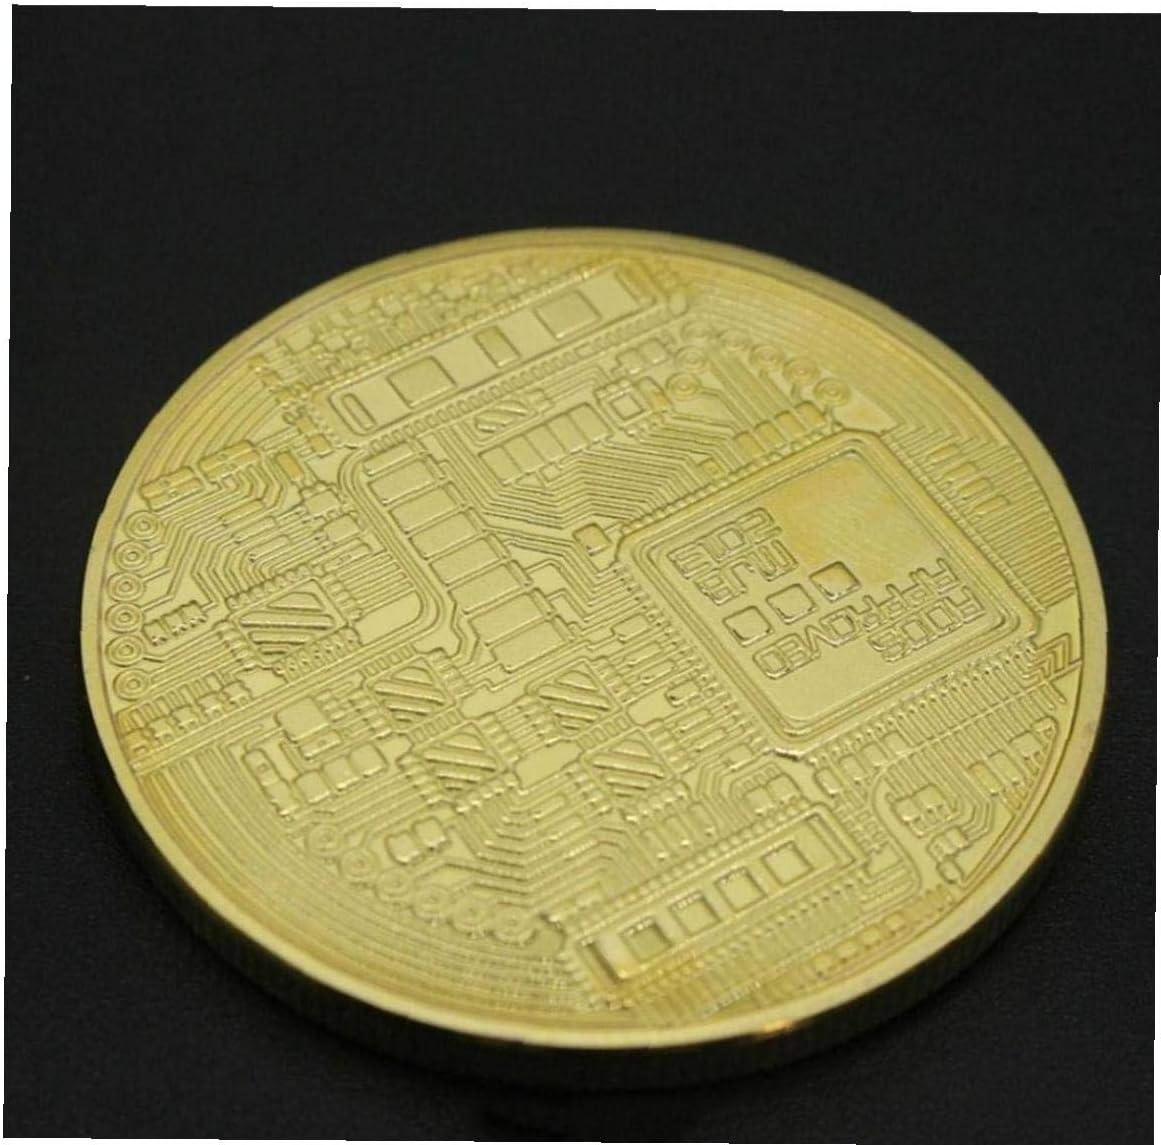 PiniceCore 1pc Goldene Farbe Bitcoin M/ünze Sammler Geschenk Casascius Bit-m/ünze BTC M/ünze Kunstsammlung Physische Gedenkm/ünzen